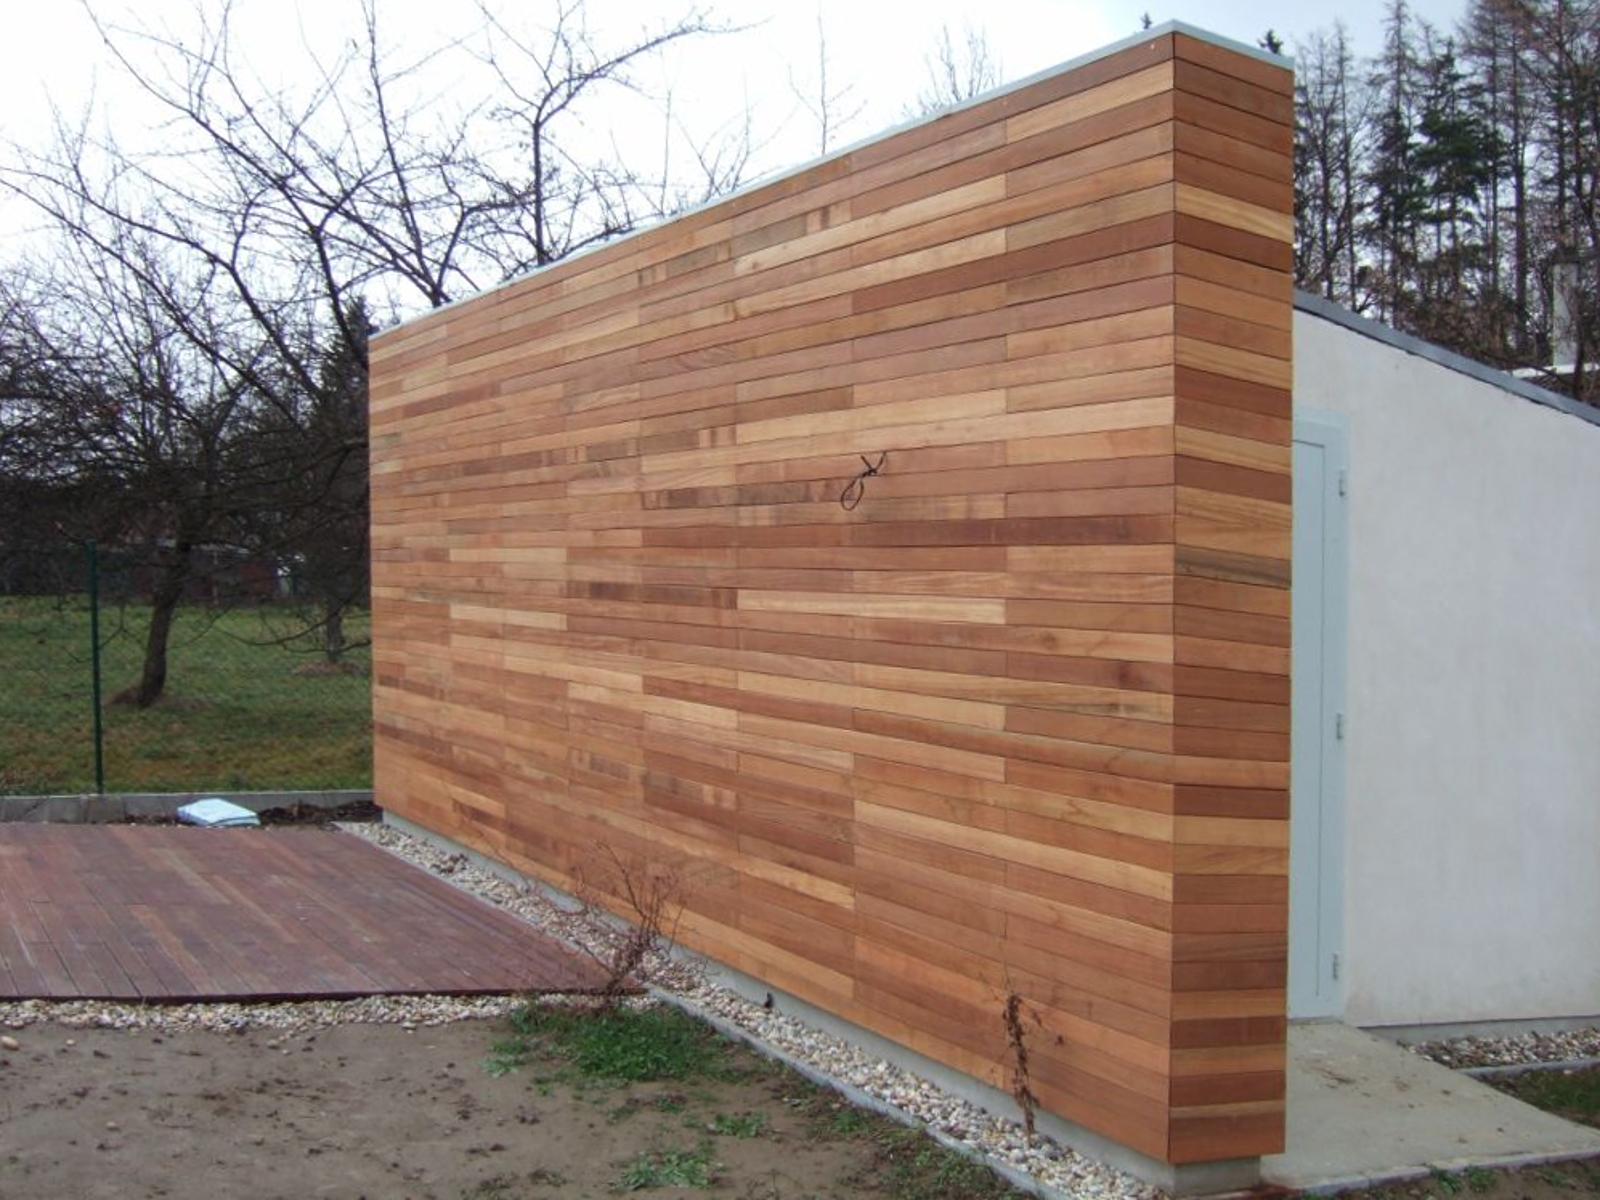 Dřevěná fasáda Bangkirai, Valašské Meziříčí